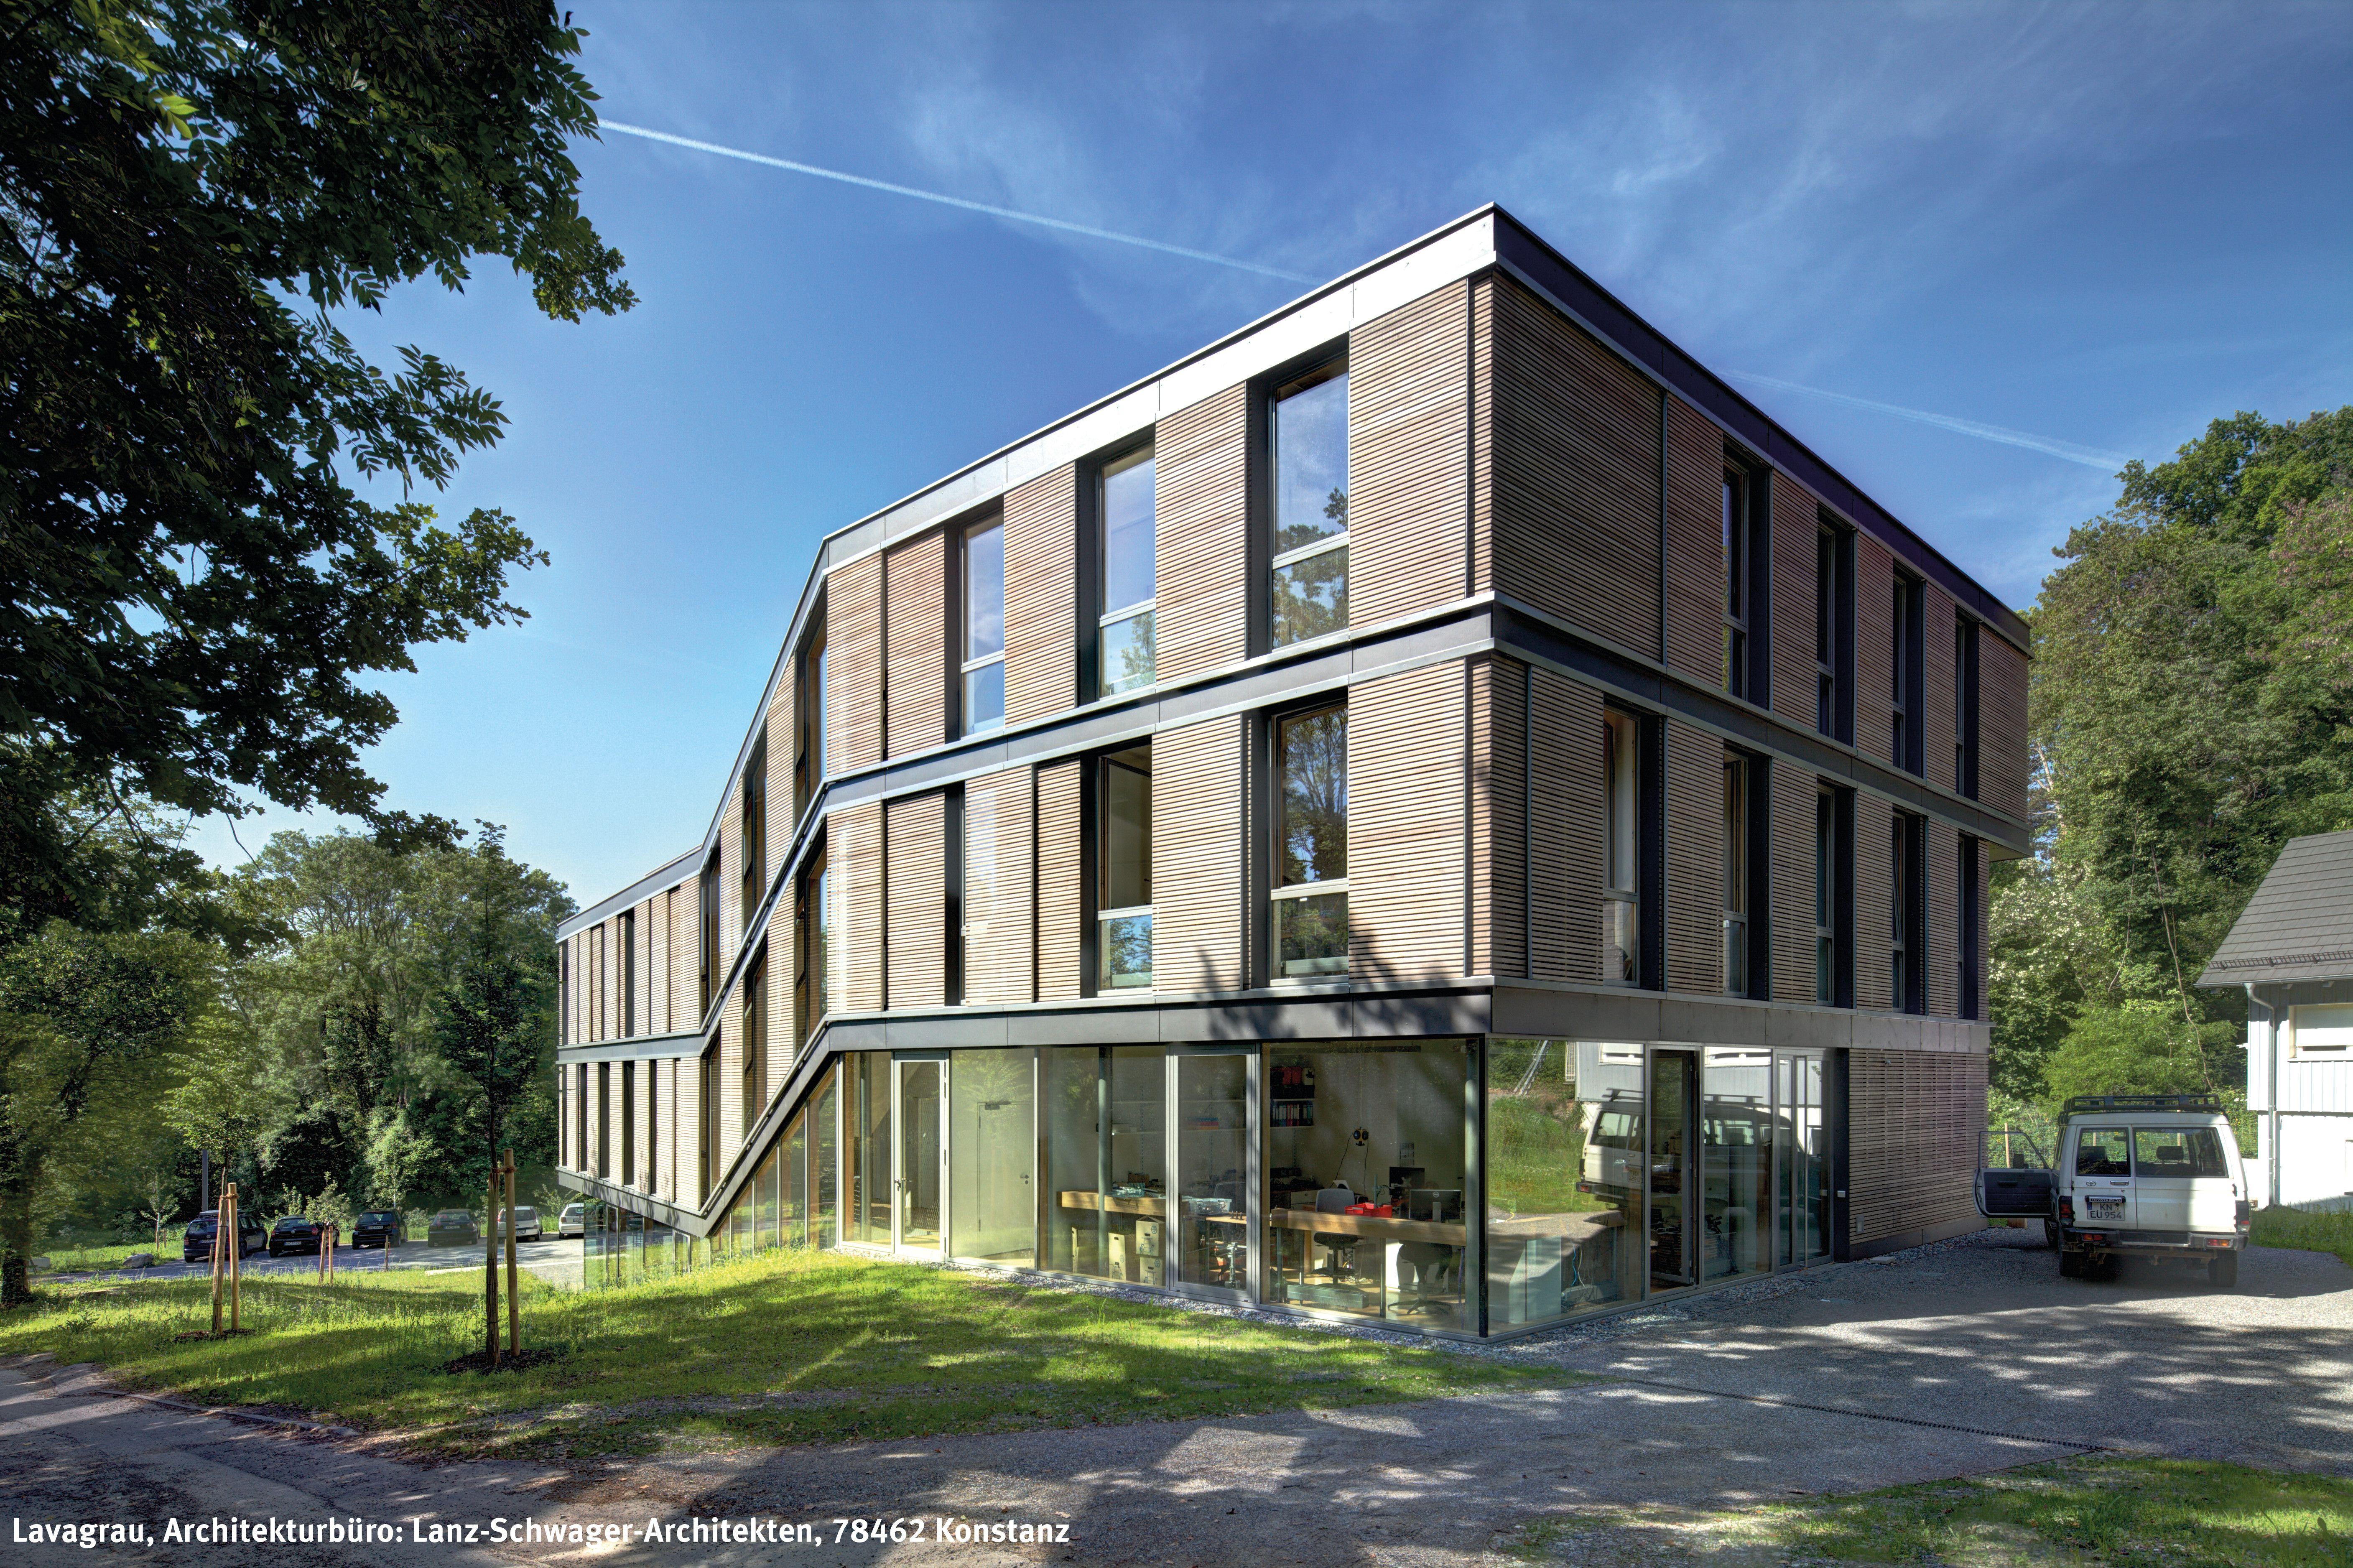 Architekten Konstanz institut mit grauer massivholzfassade dura patina rhombusleiste